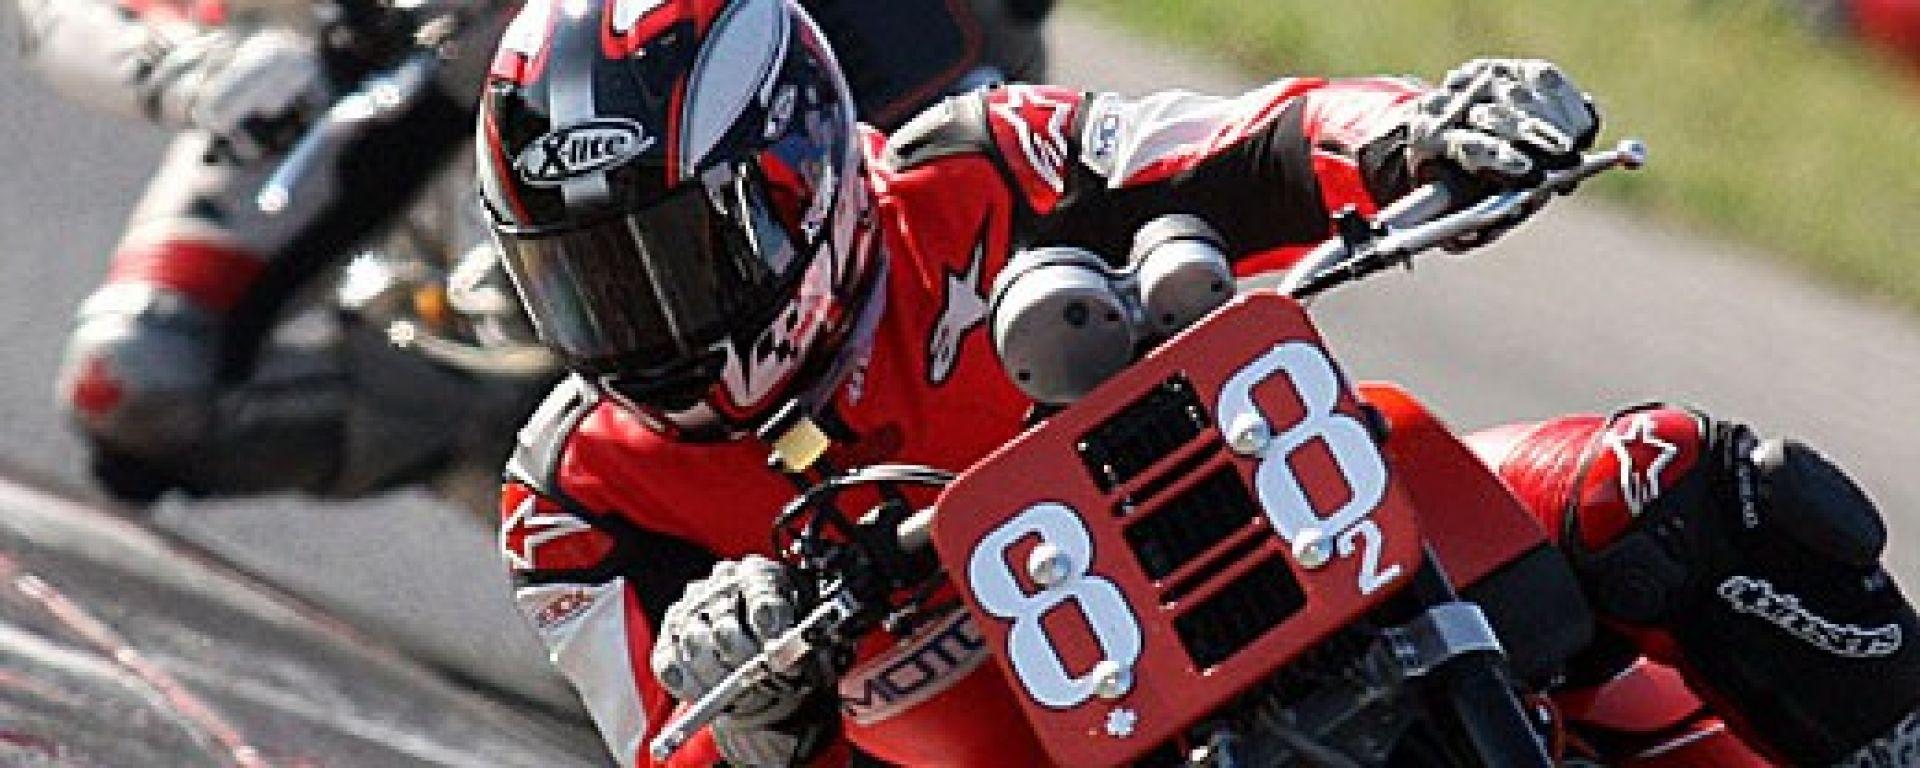 Harley Davidson XR 1200 Trophy